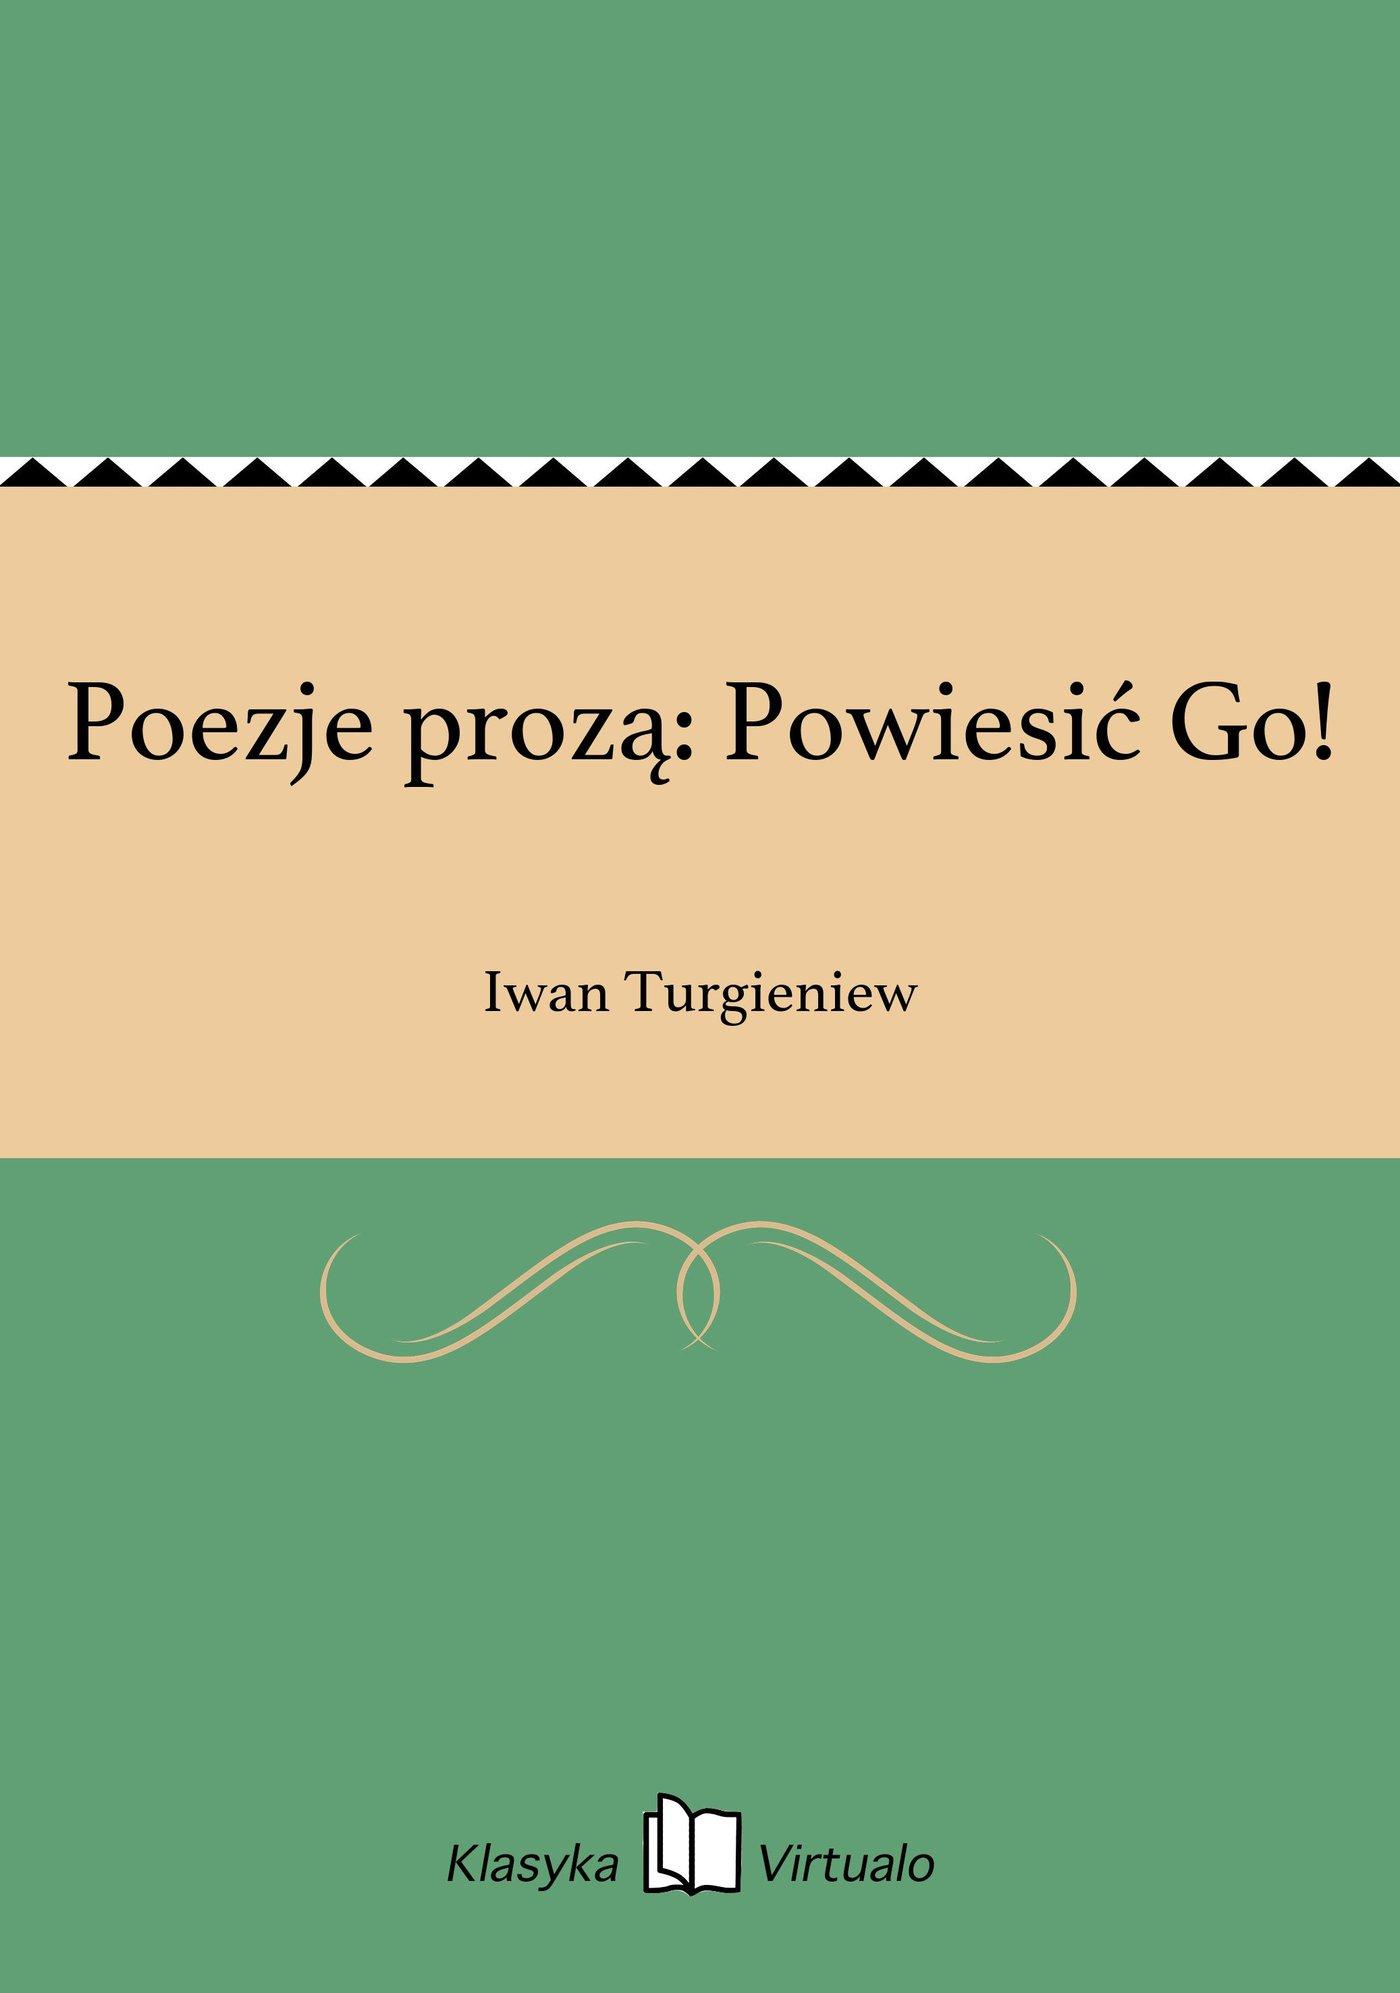 Poezje prozą: Powiesić Go! - Ebook (Książka EPUB) do pobrania w formacie EPUB